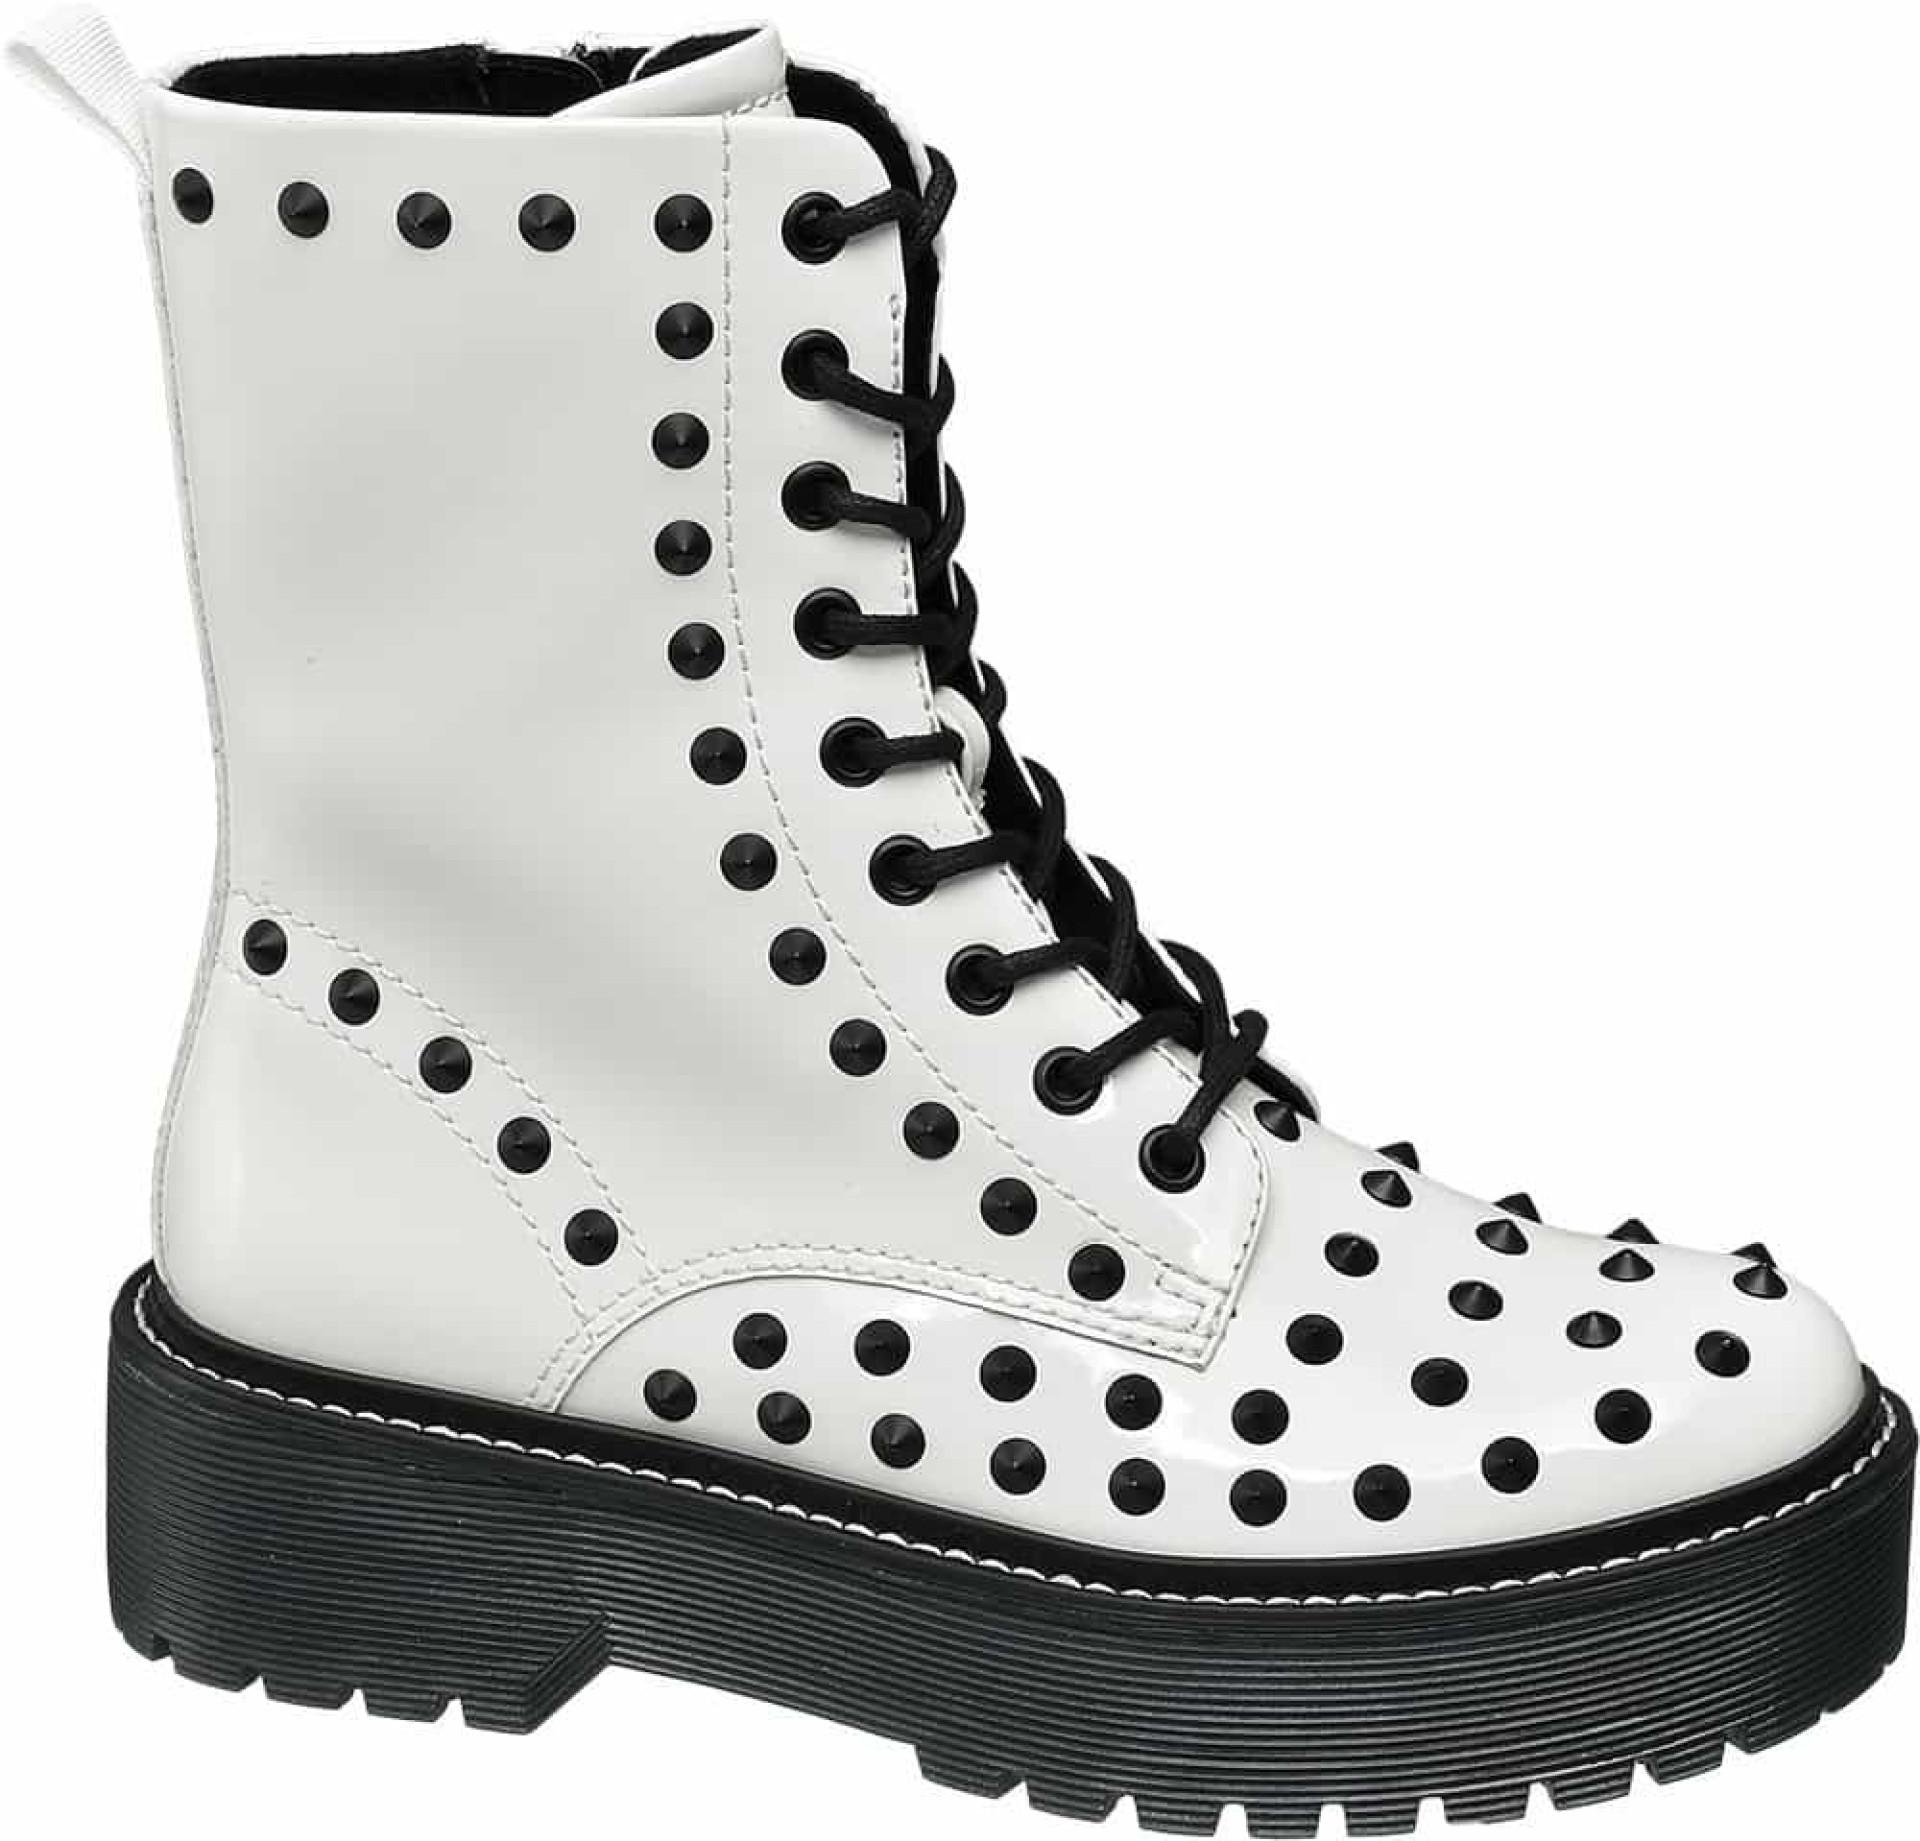 Botas branco gélido, é a proposta da Deichmann para este inverno